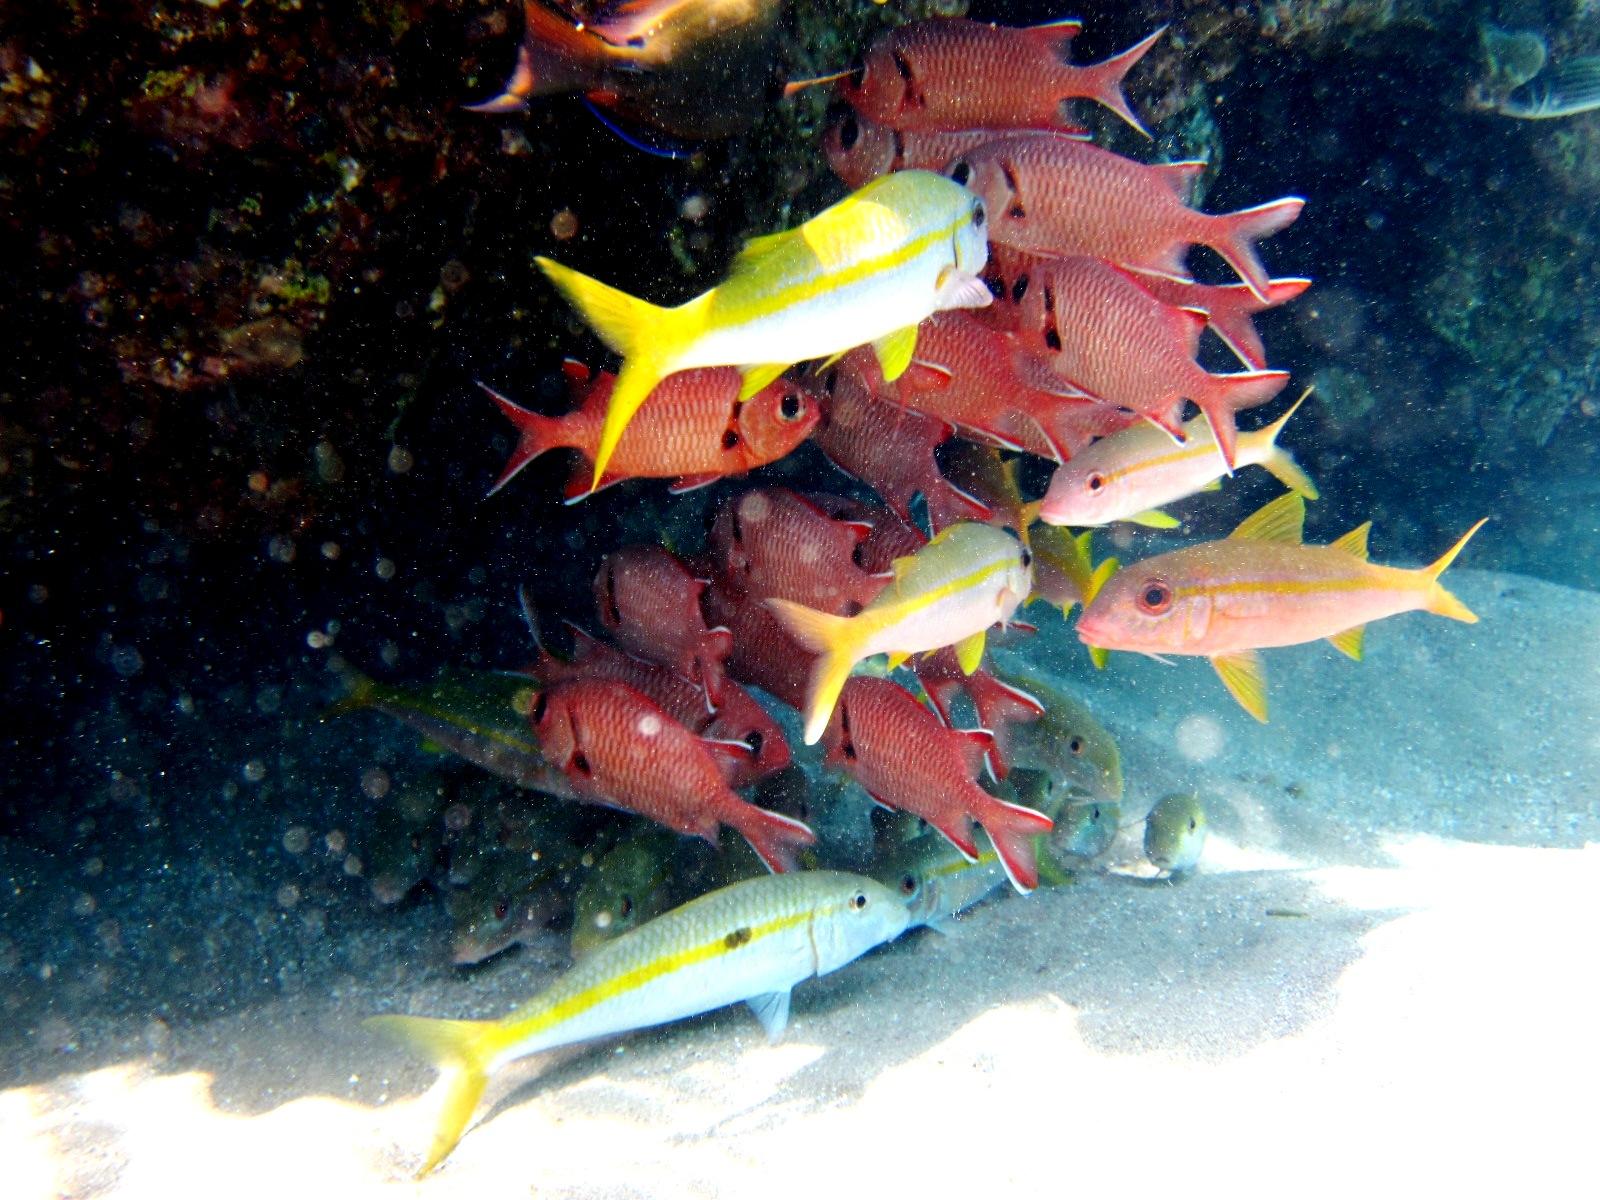 Розовые - Рыба-солдат желтоплавничная - Myripristis berndti, с желтой полосой - Mulloidichthys vanicolensis и Mulloidichthys flavolineatus (с точкой)